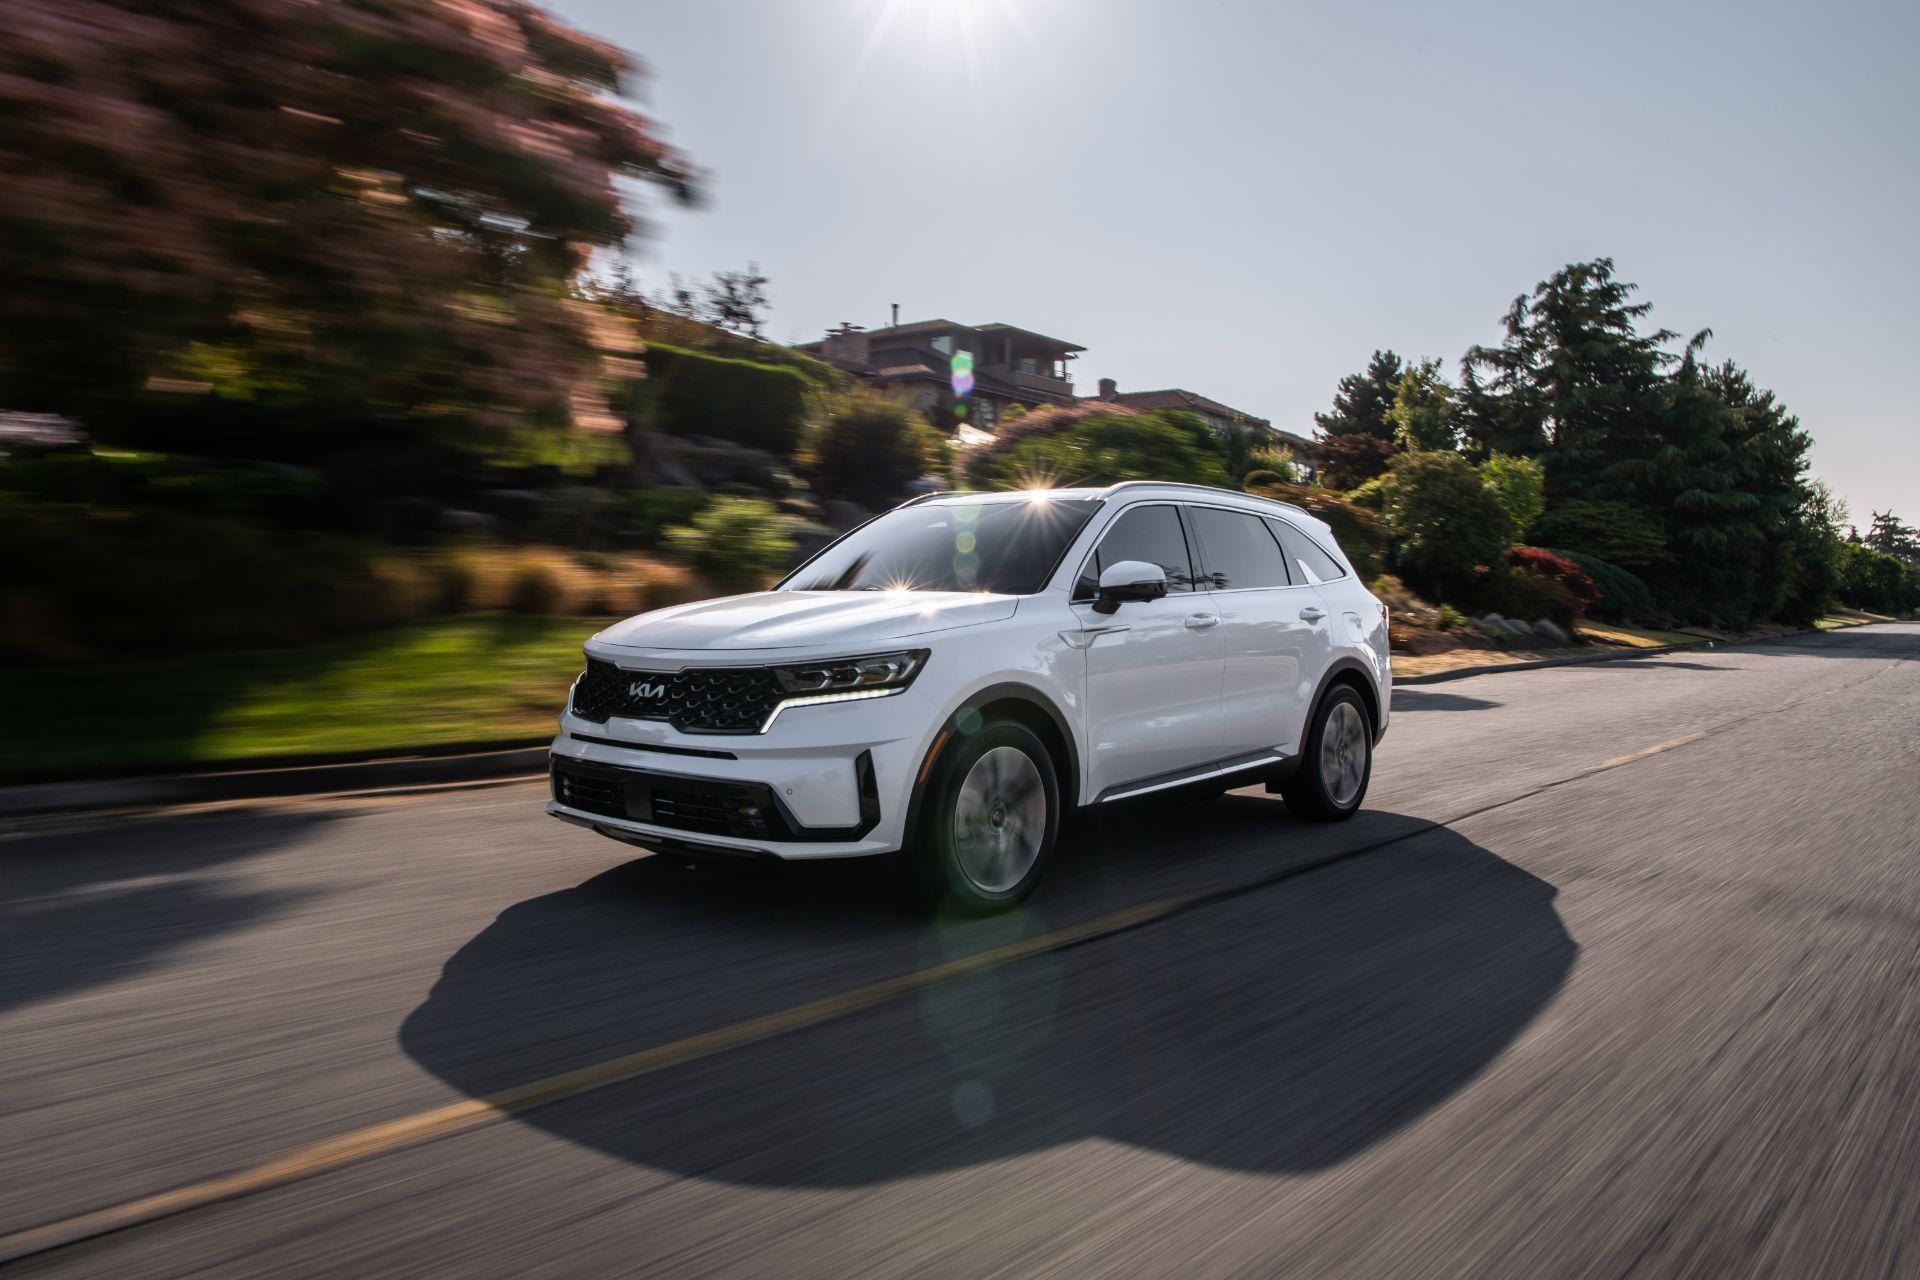 2022 Kia Sorento Plug-in Hybrid Front Three-Quarter Wallpapers (8)